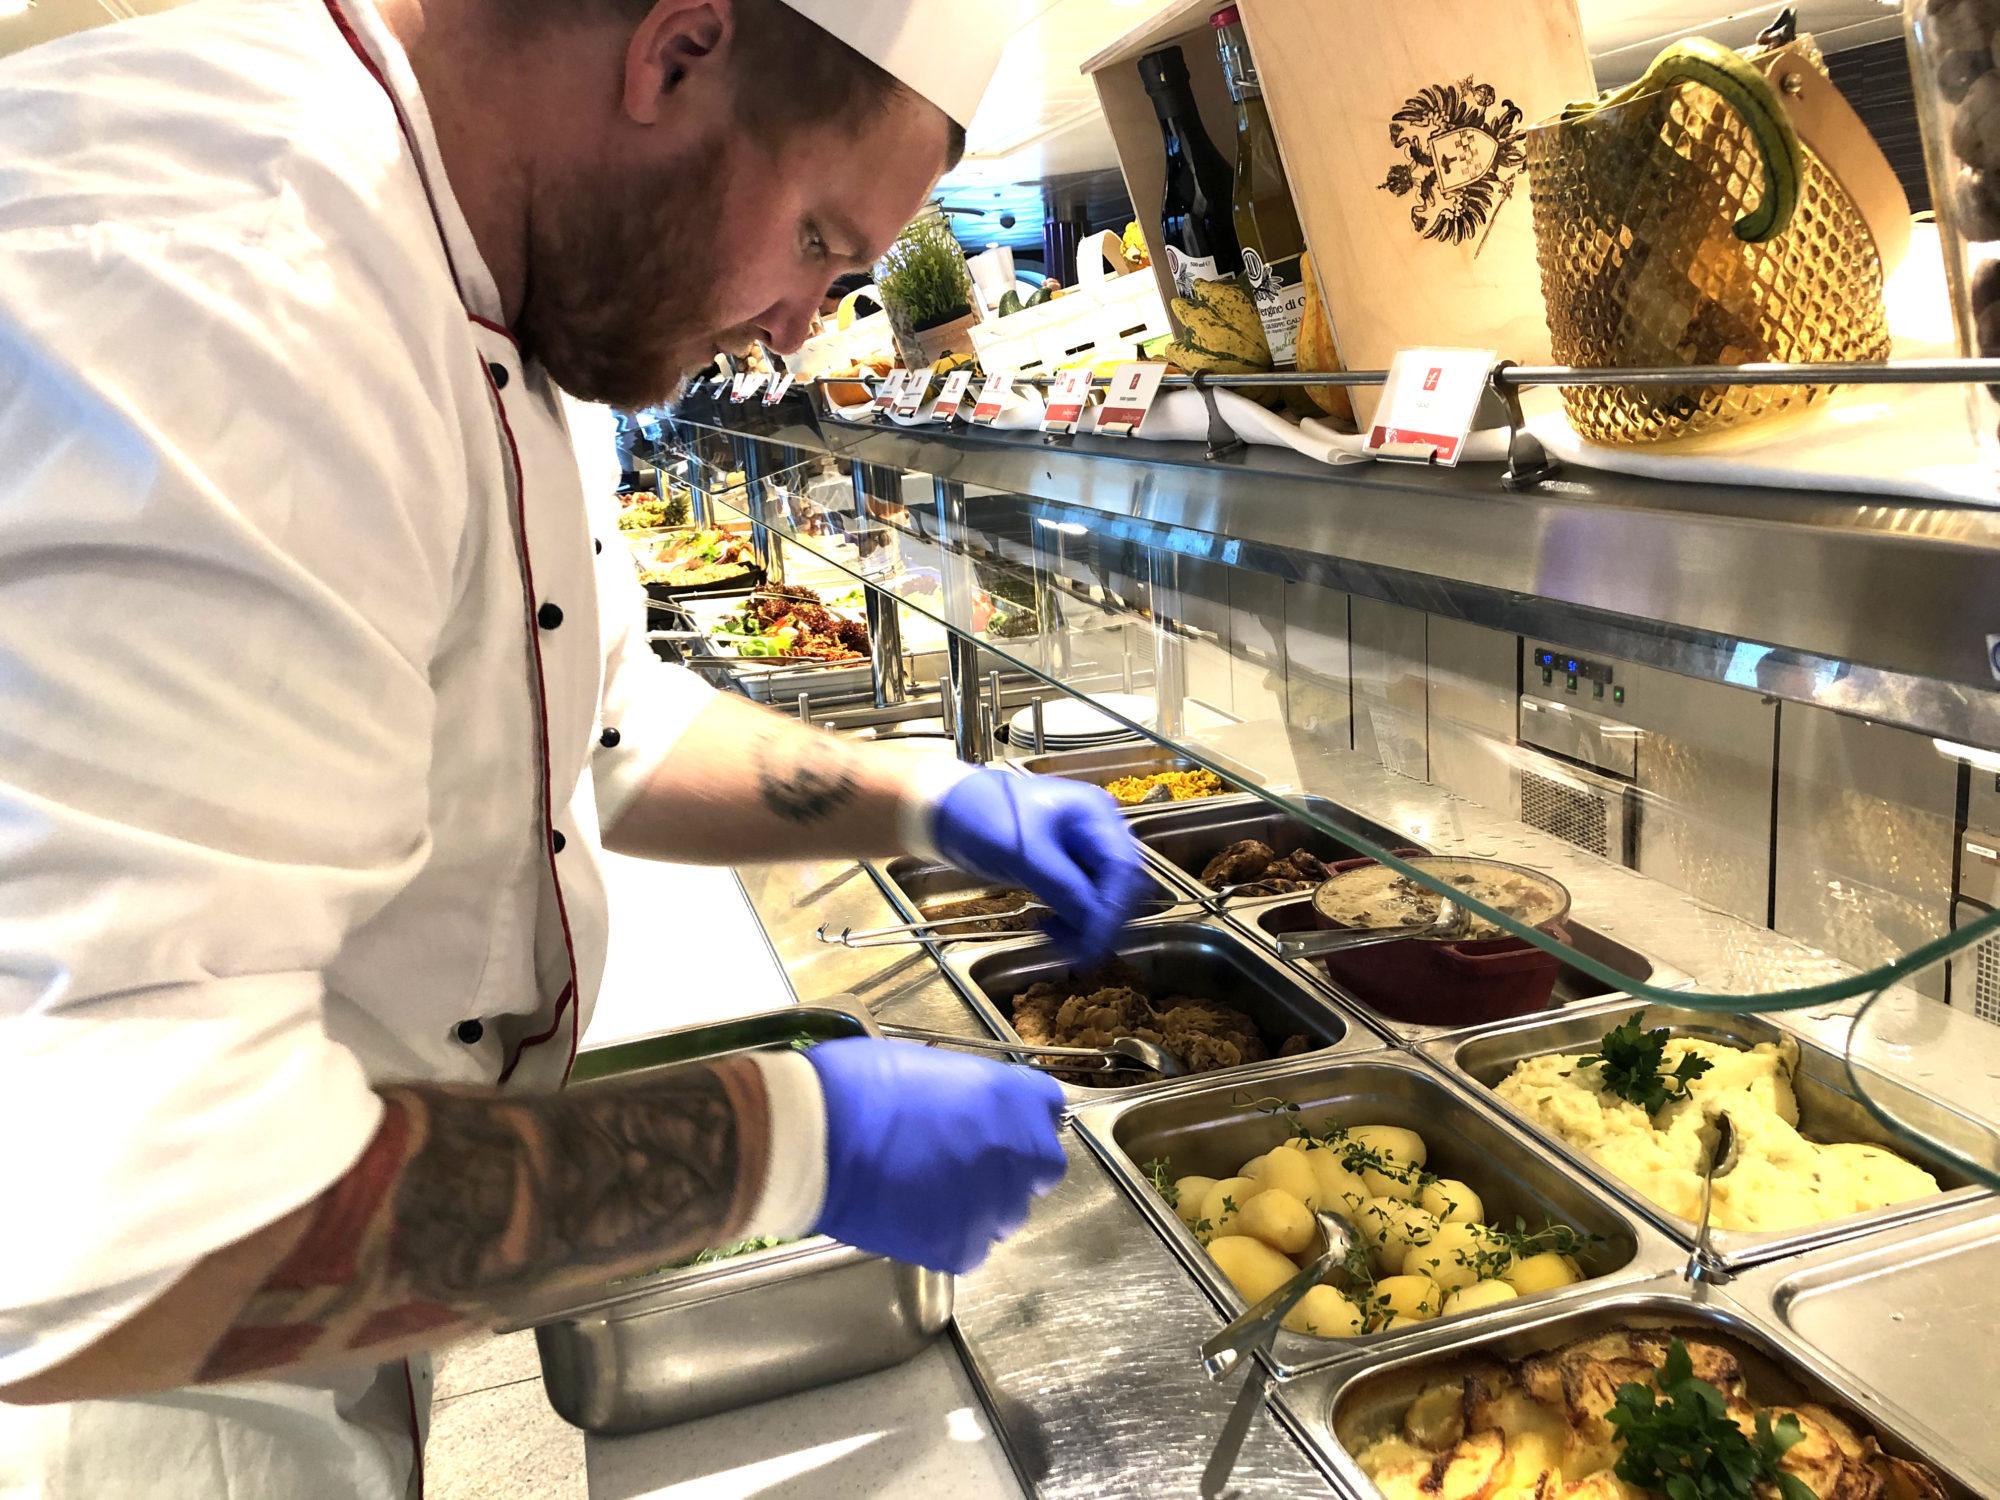 Nøye: Kokken Casper er nøye med presentasjonen og her legger han siste finishen med garnityret før gjestene inntar lunsjbuffeten på seilingen fra Sverige. Foto: Fjord Line